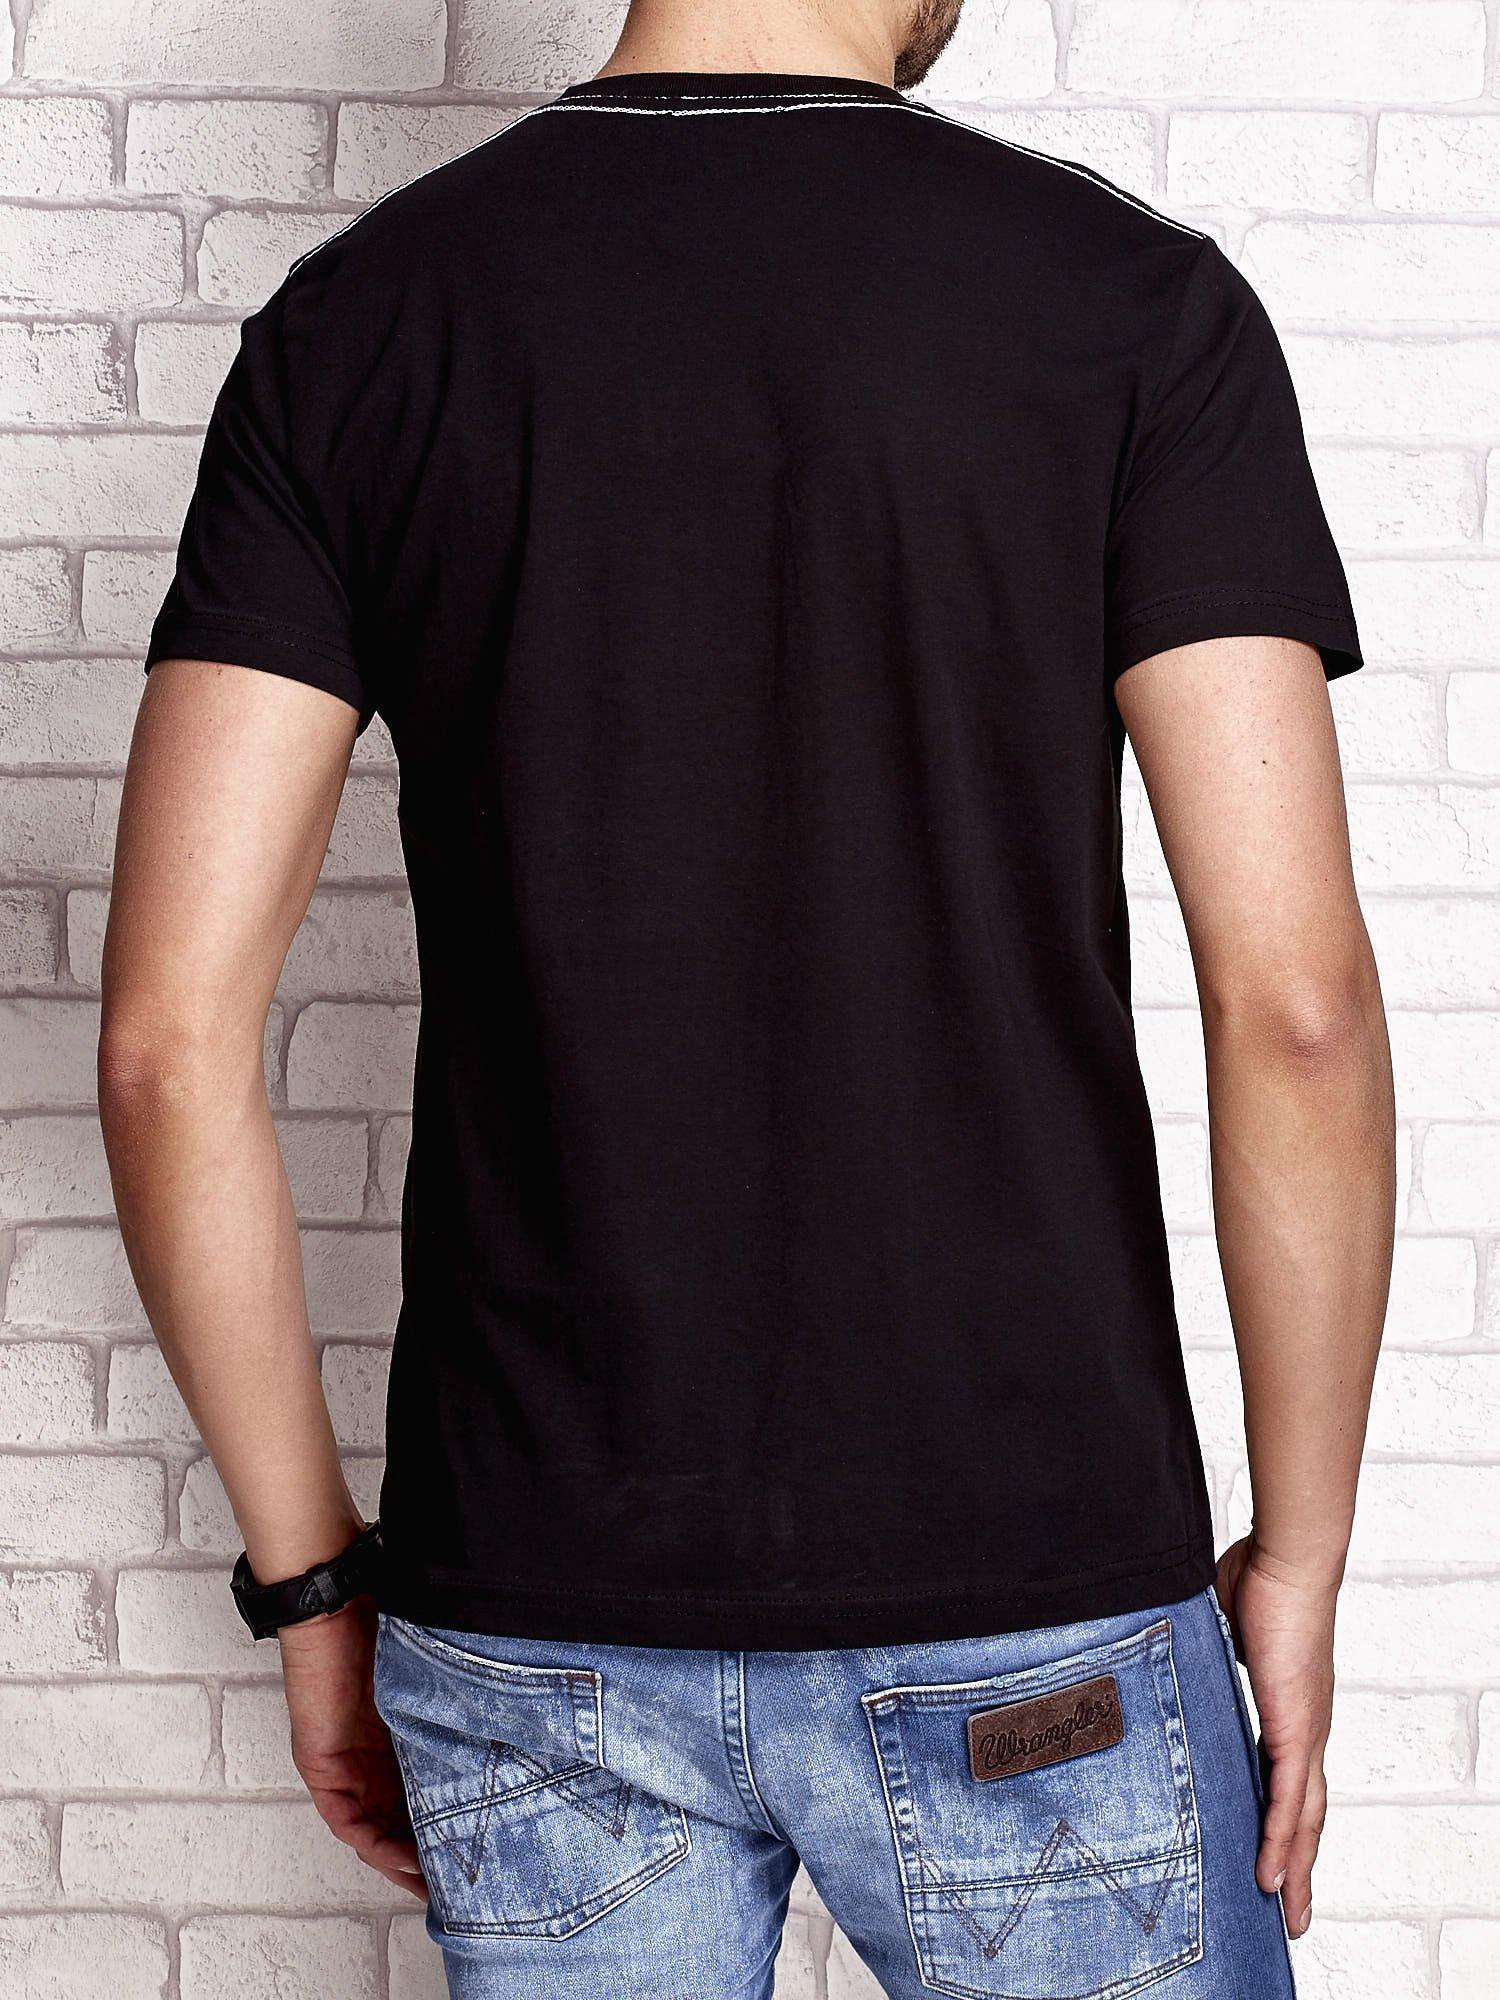 Czarny t-shirt męski z nadrukiem napisów MIAMI FLORIDA 1955                                  zdj.                                  2